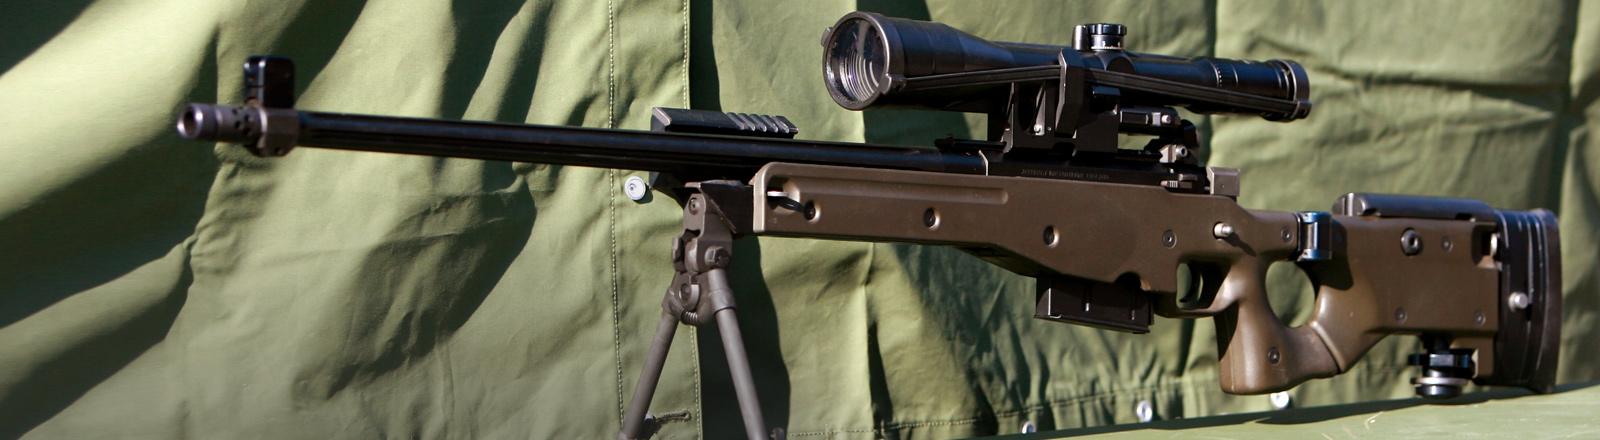 Ein Scharfschützengewehr